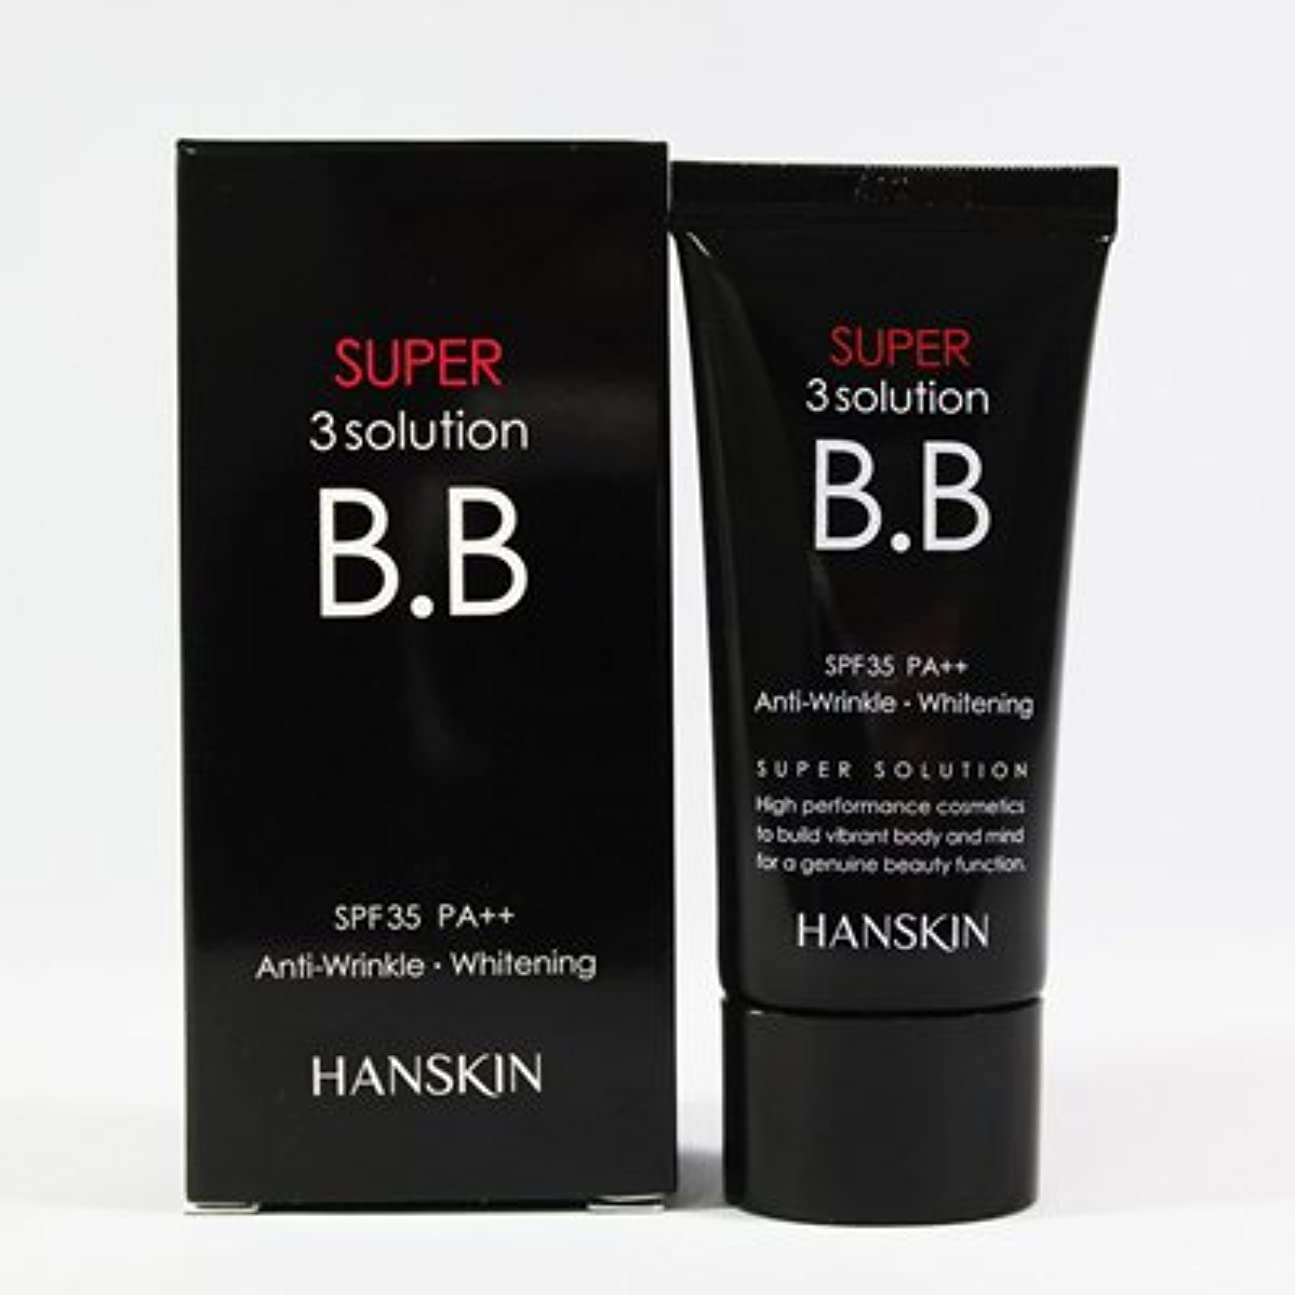 雨レクリエーションクロールHANSKIN ハンスキン スーパー3ソリューションBBクリーム(30g) (箱無し)